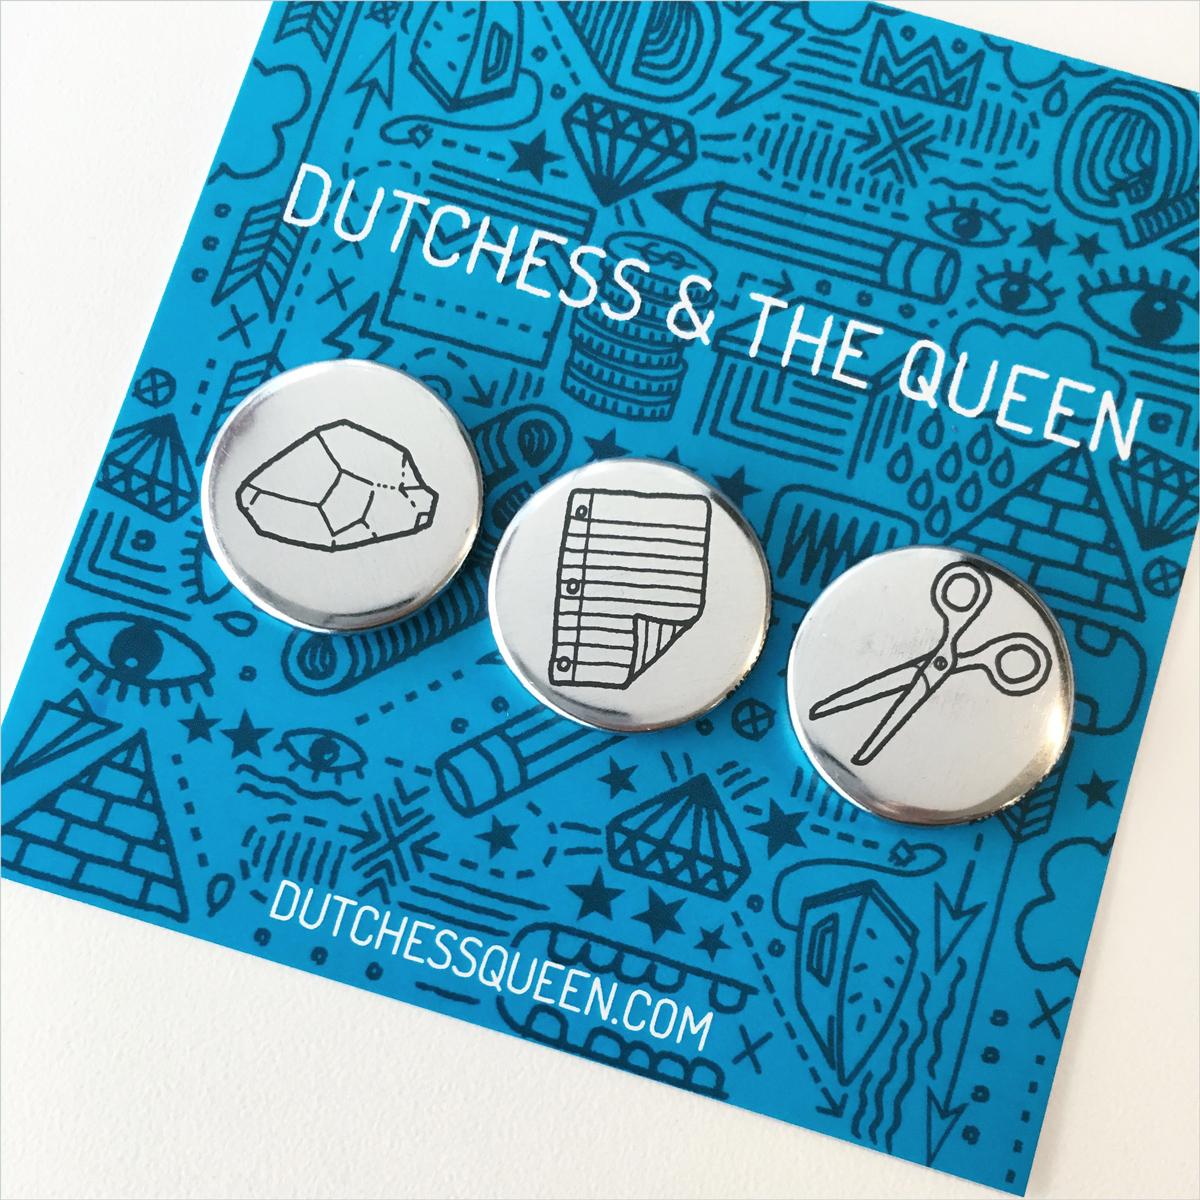 DutchessQueen_buttons.jpg